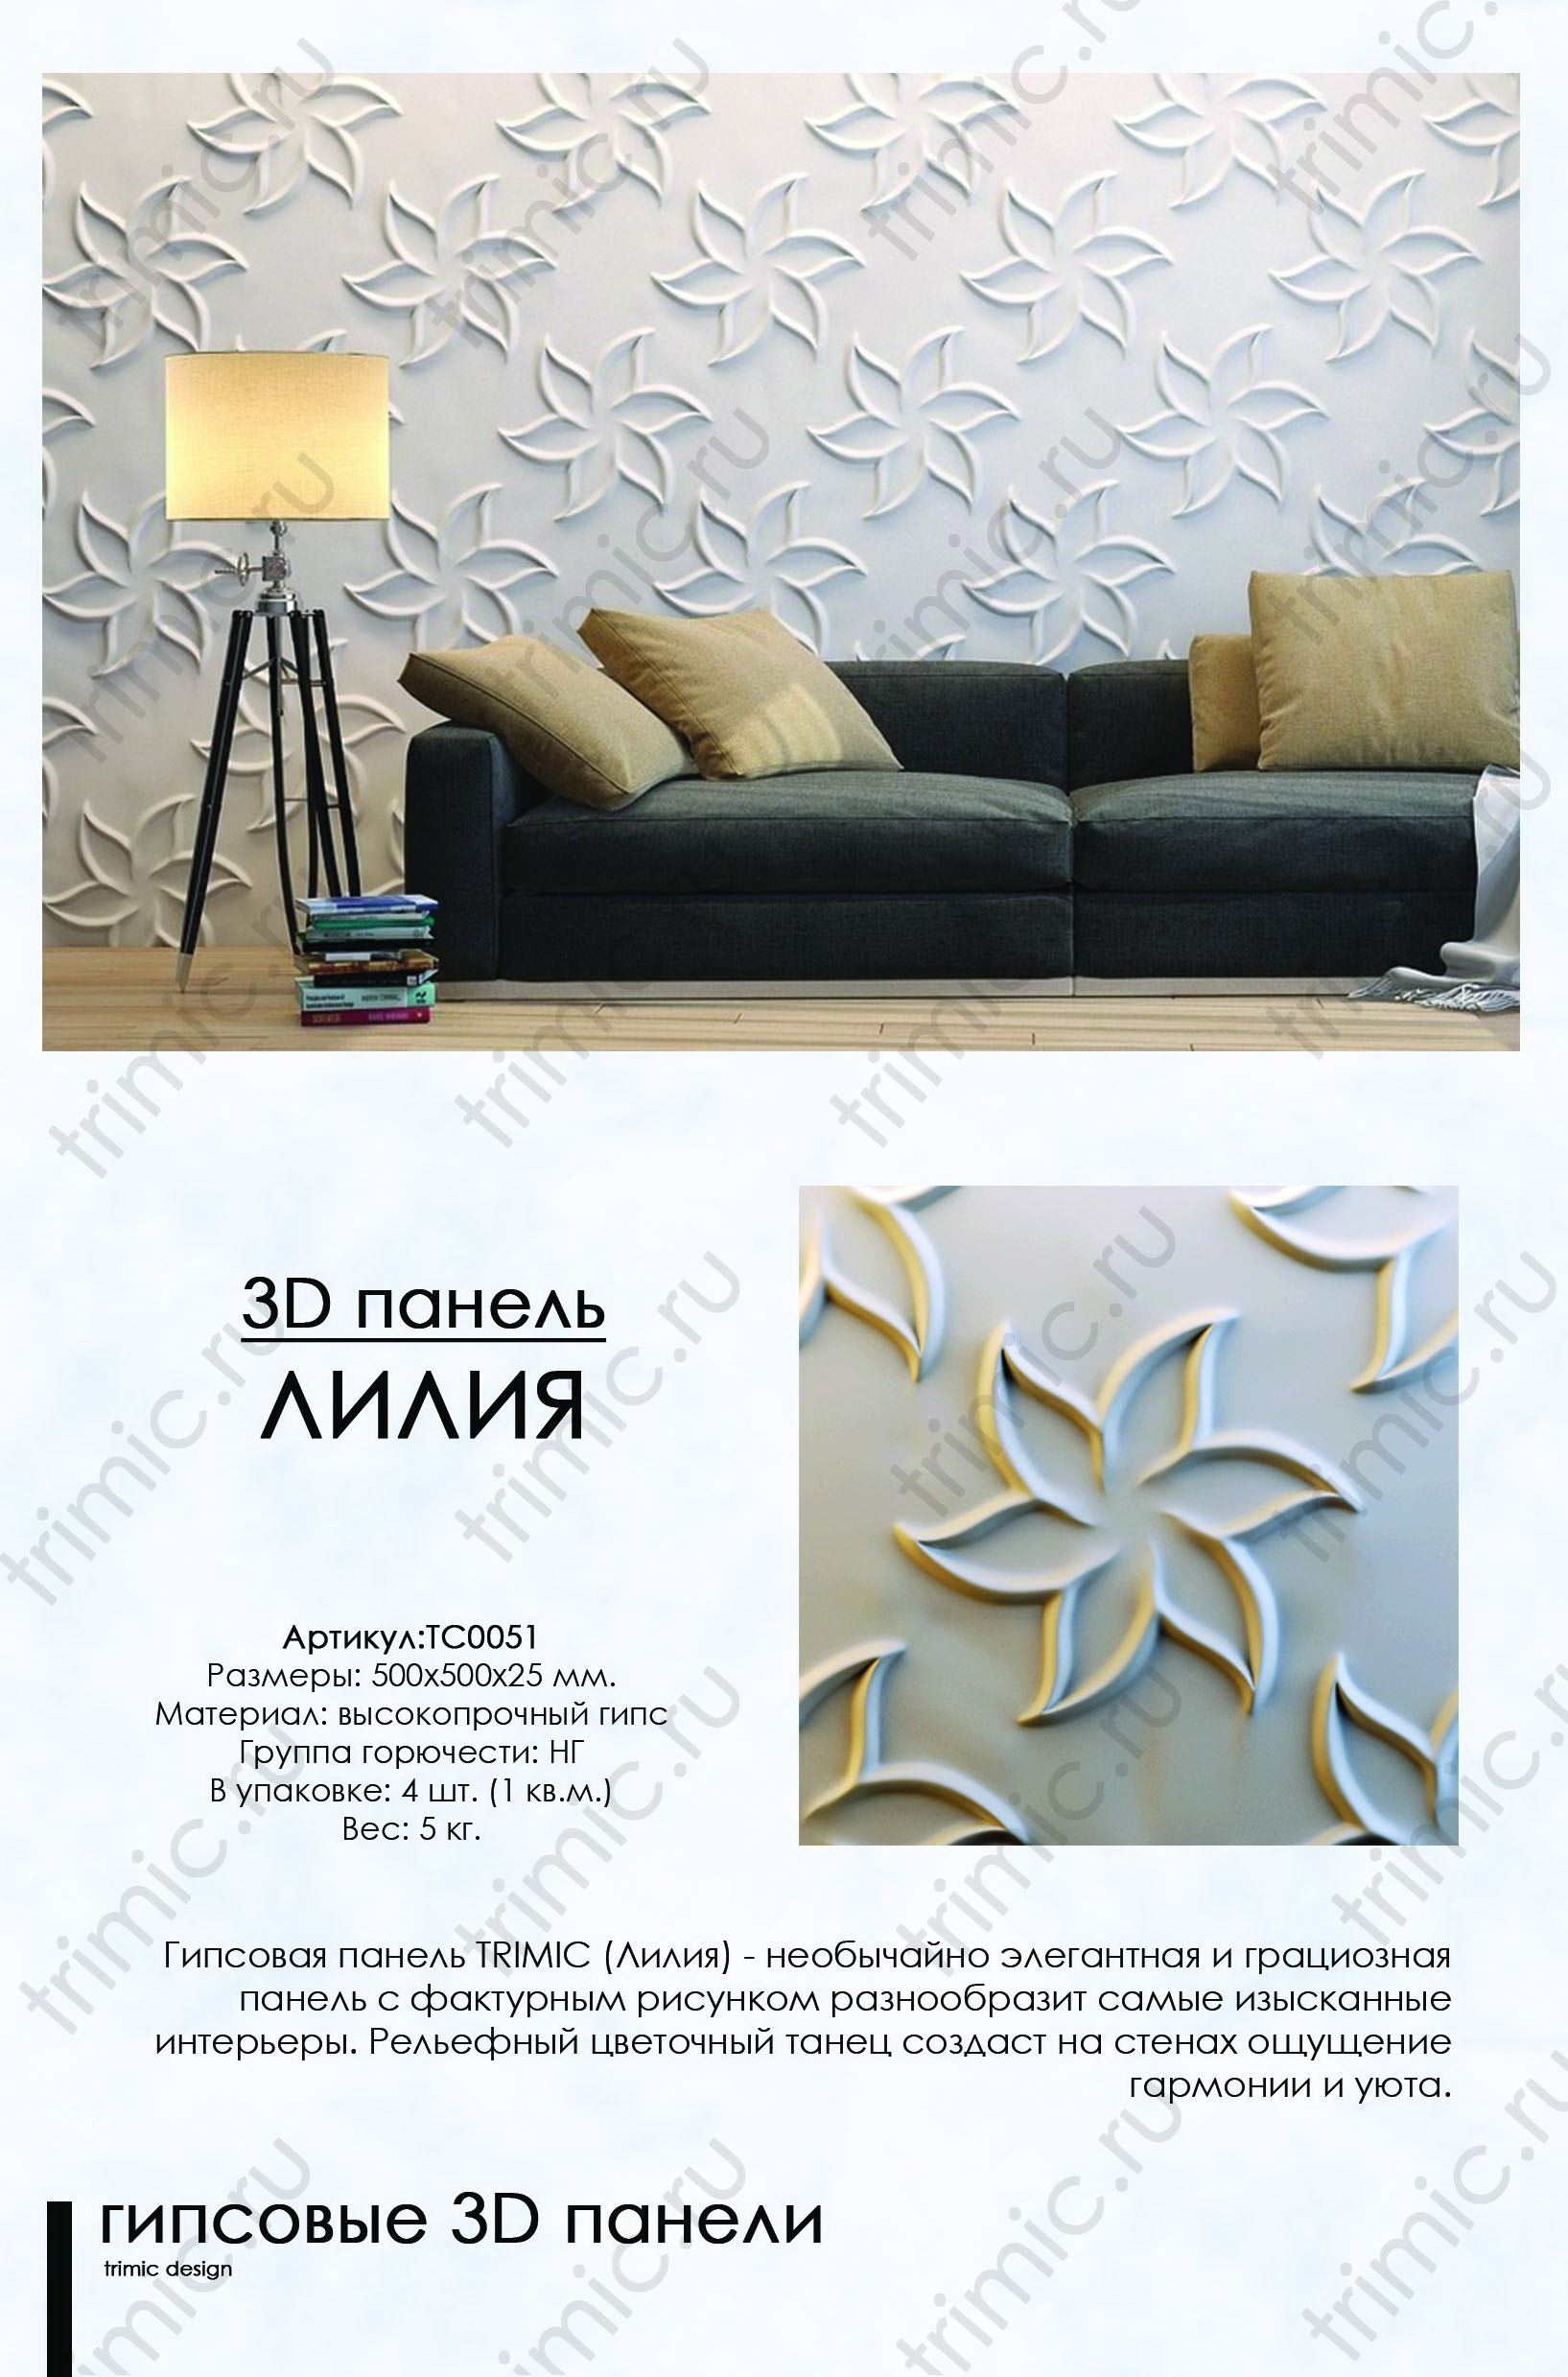 """3D панель из гипса """"Лилия"""" для интерьерного оформления стен."""